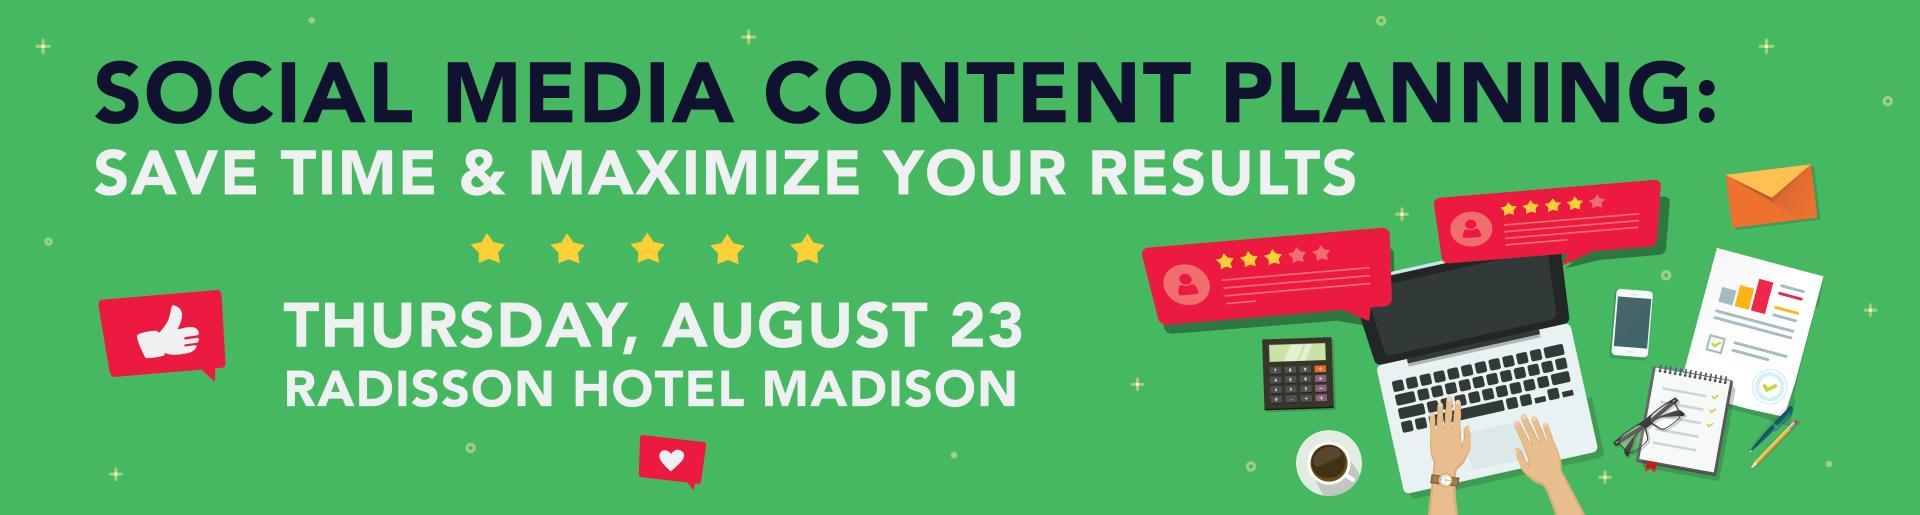 Social Media Content Planning Event Header